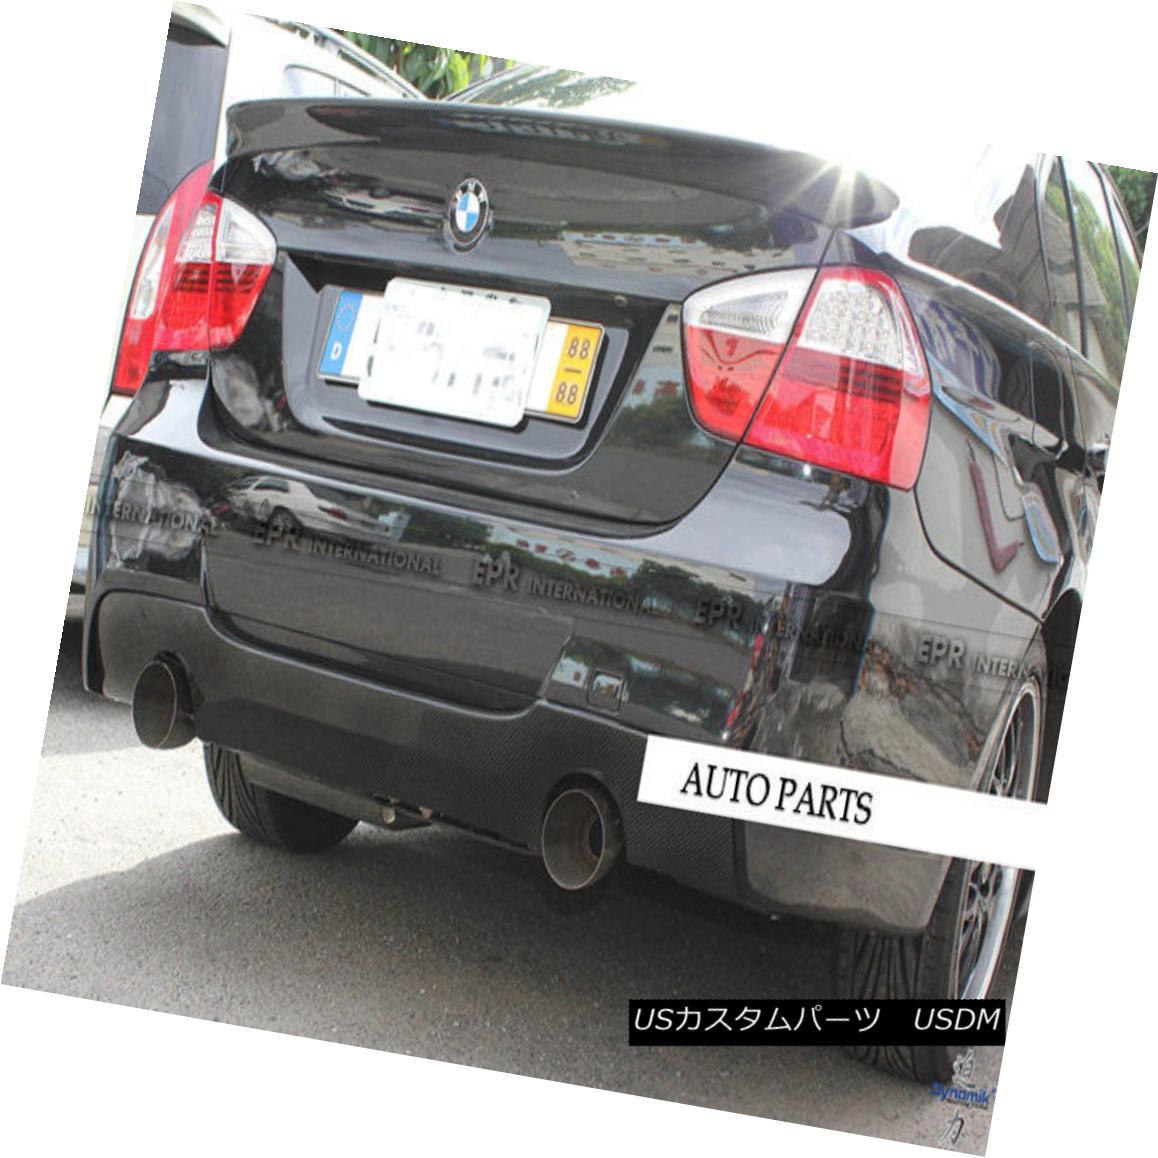 エアロパーツ ABC Carbon Rear Trunk Bumper Diffuser Lip (Twin Exhaust) For BMW E90 M-Tech 335i BMW E90 M-Tech 335i用ABCカーボンリアトランクバンパーディフューザリップ(ツインエキゾースト)